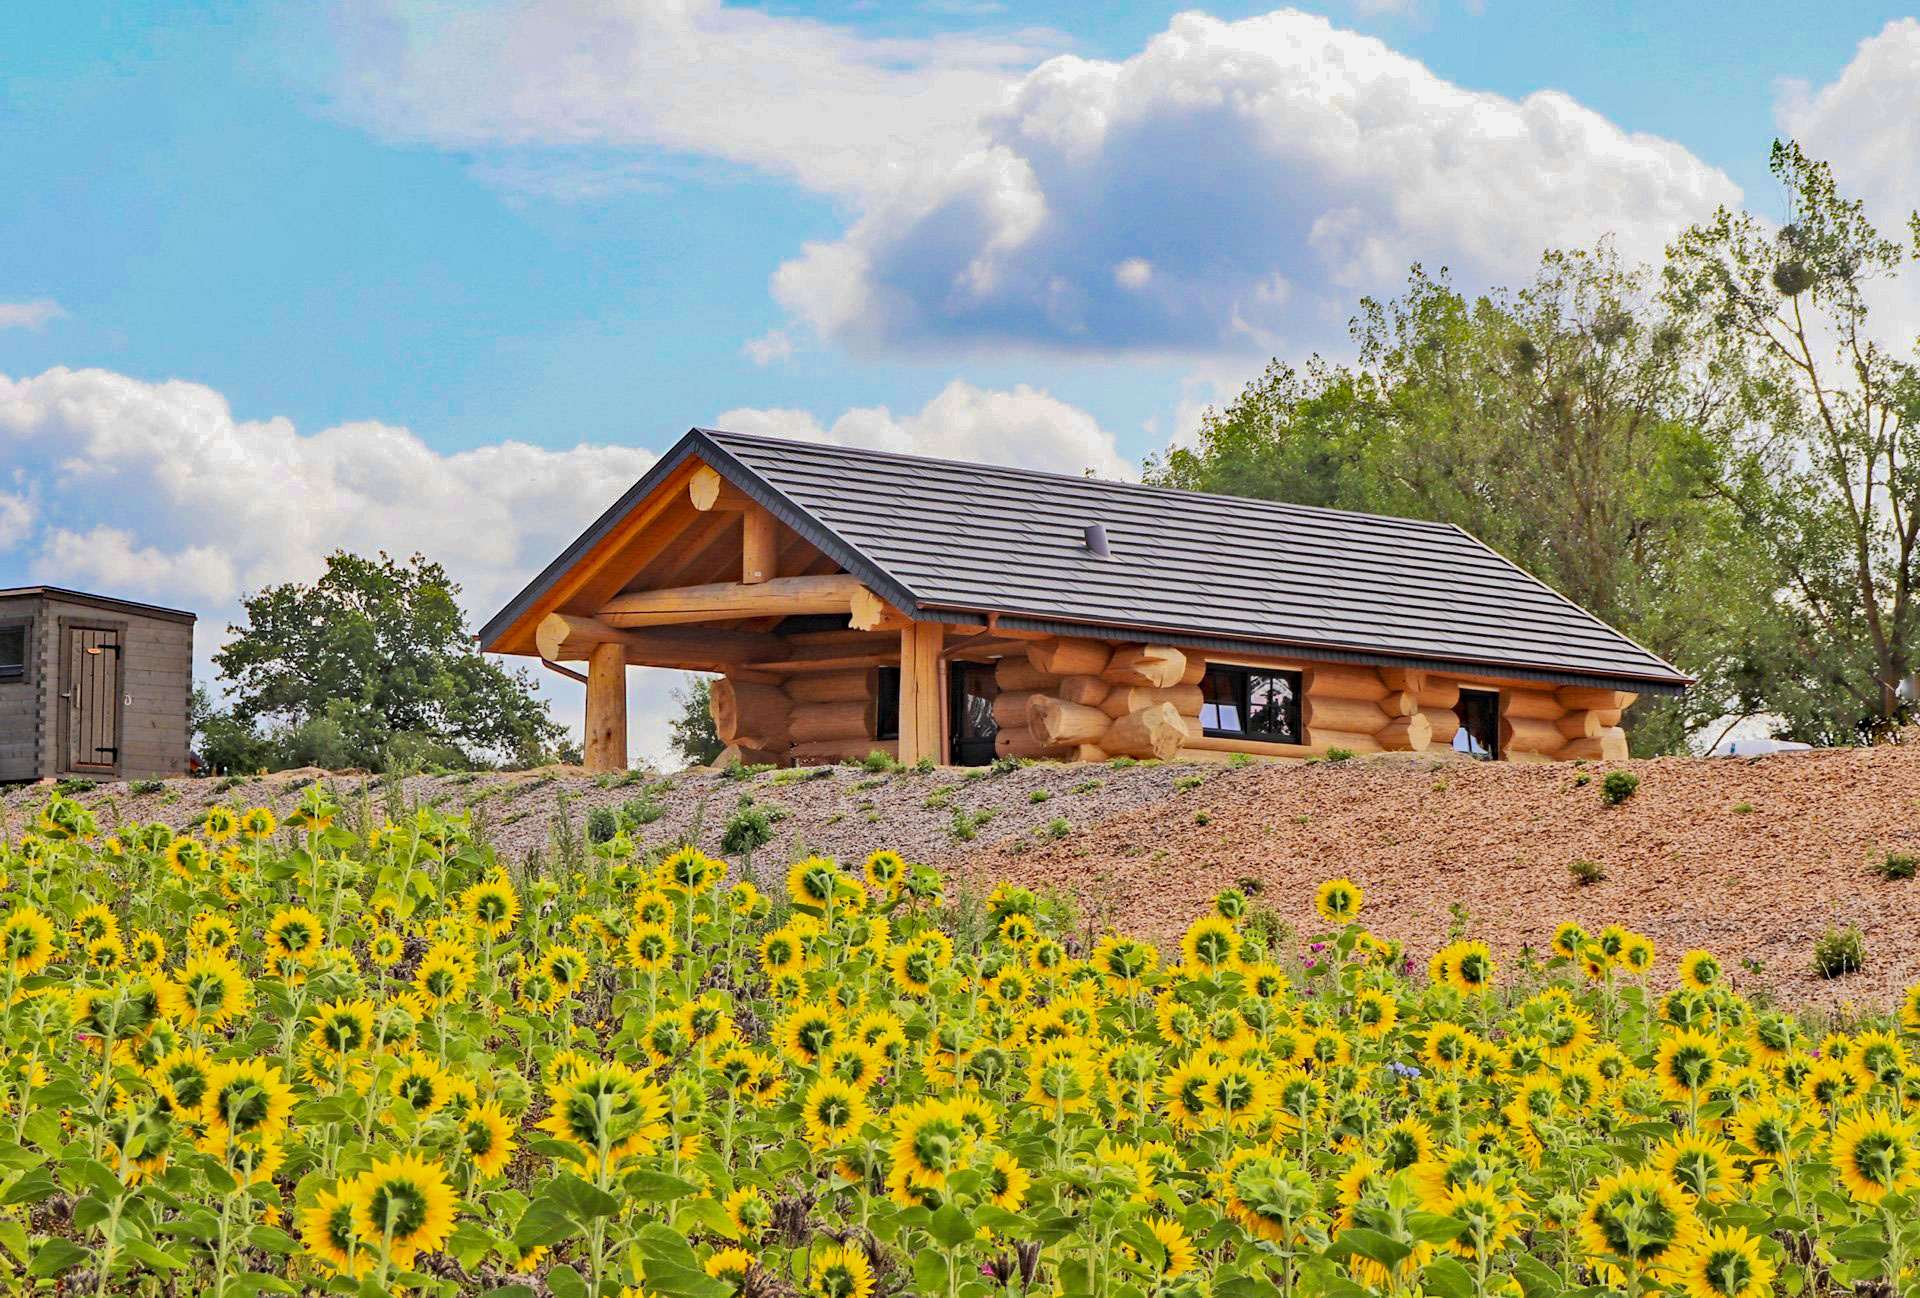 Feriendorf Tollensesee Naturstamm Ferienhäuser in der Mecklenburgischen Seenplatte